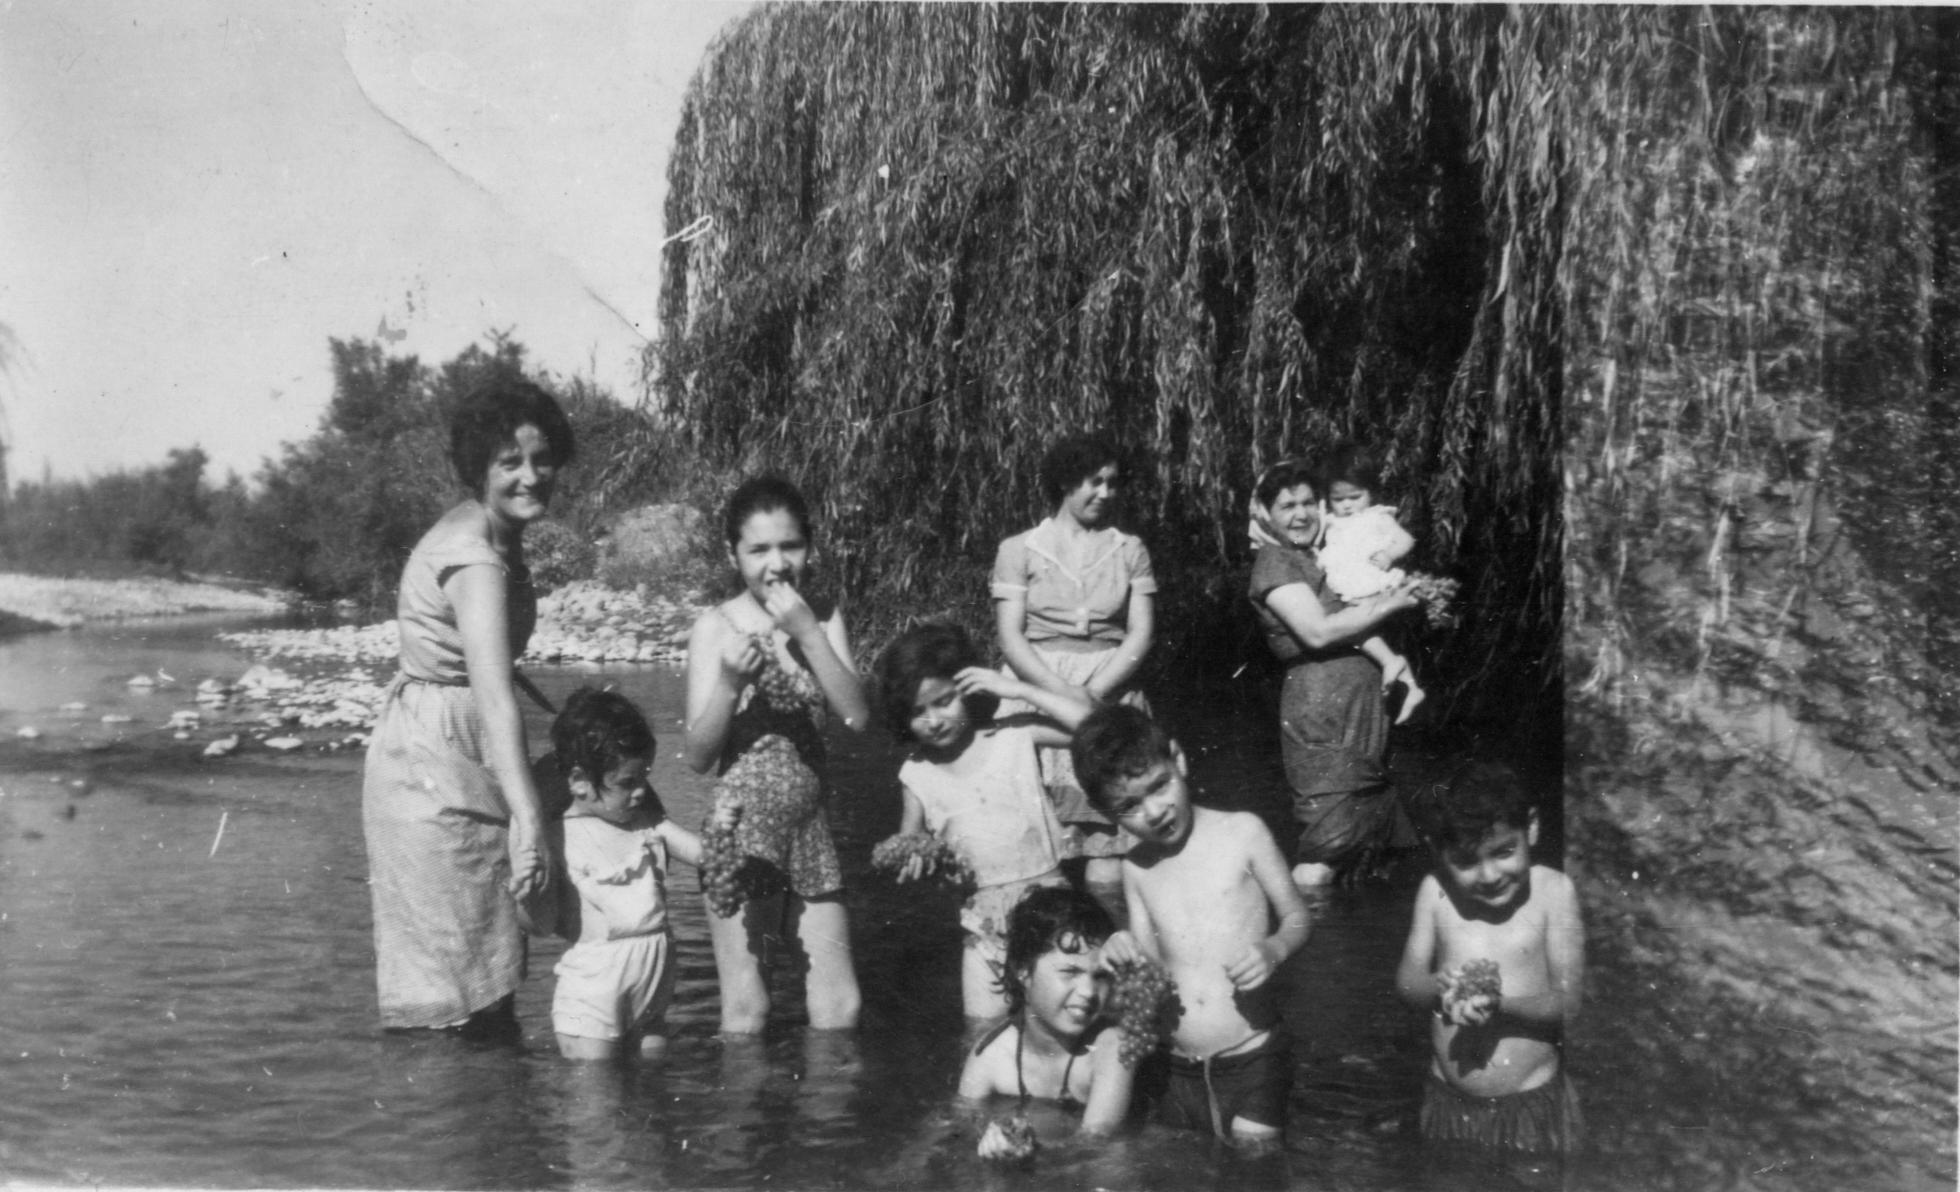 Enterreno - Fotos históricas de chile - fotos antiguas de Chile - Verano en sector Potrero Grande en 1960